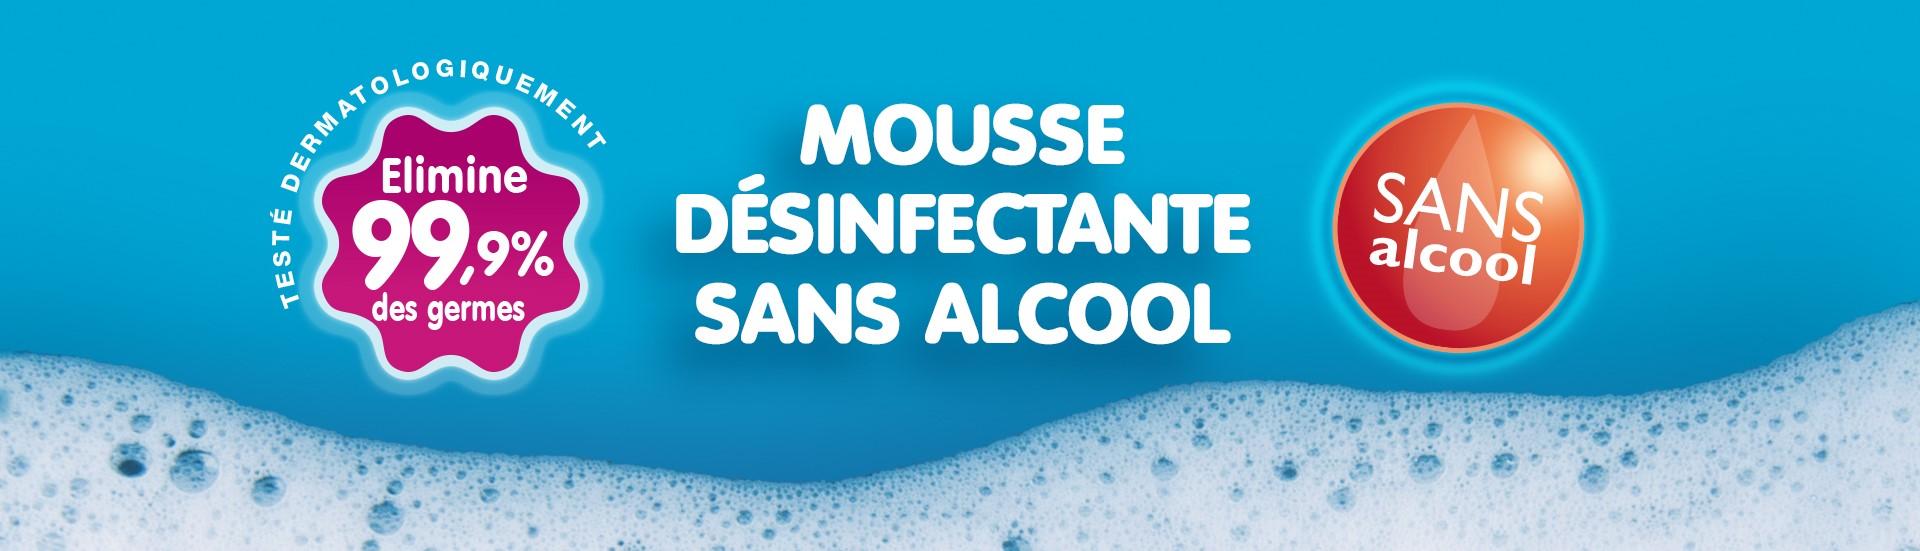 dermaphex désinfectant sans alcool -slider